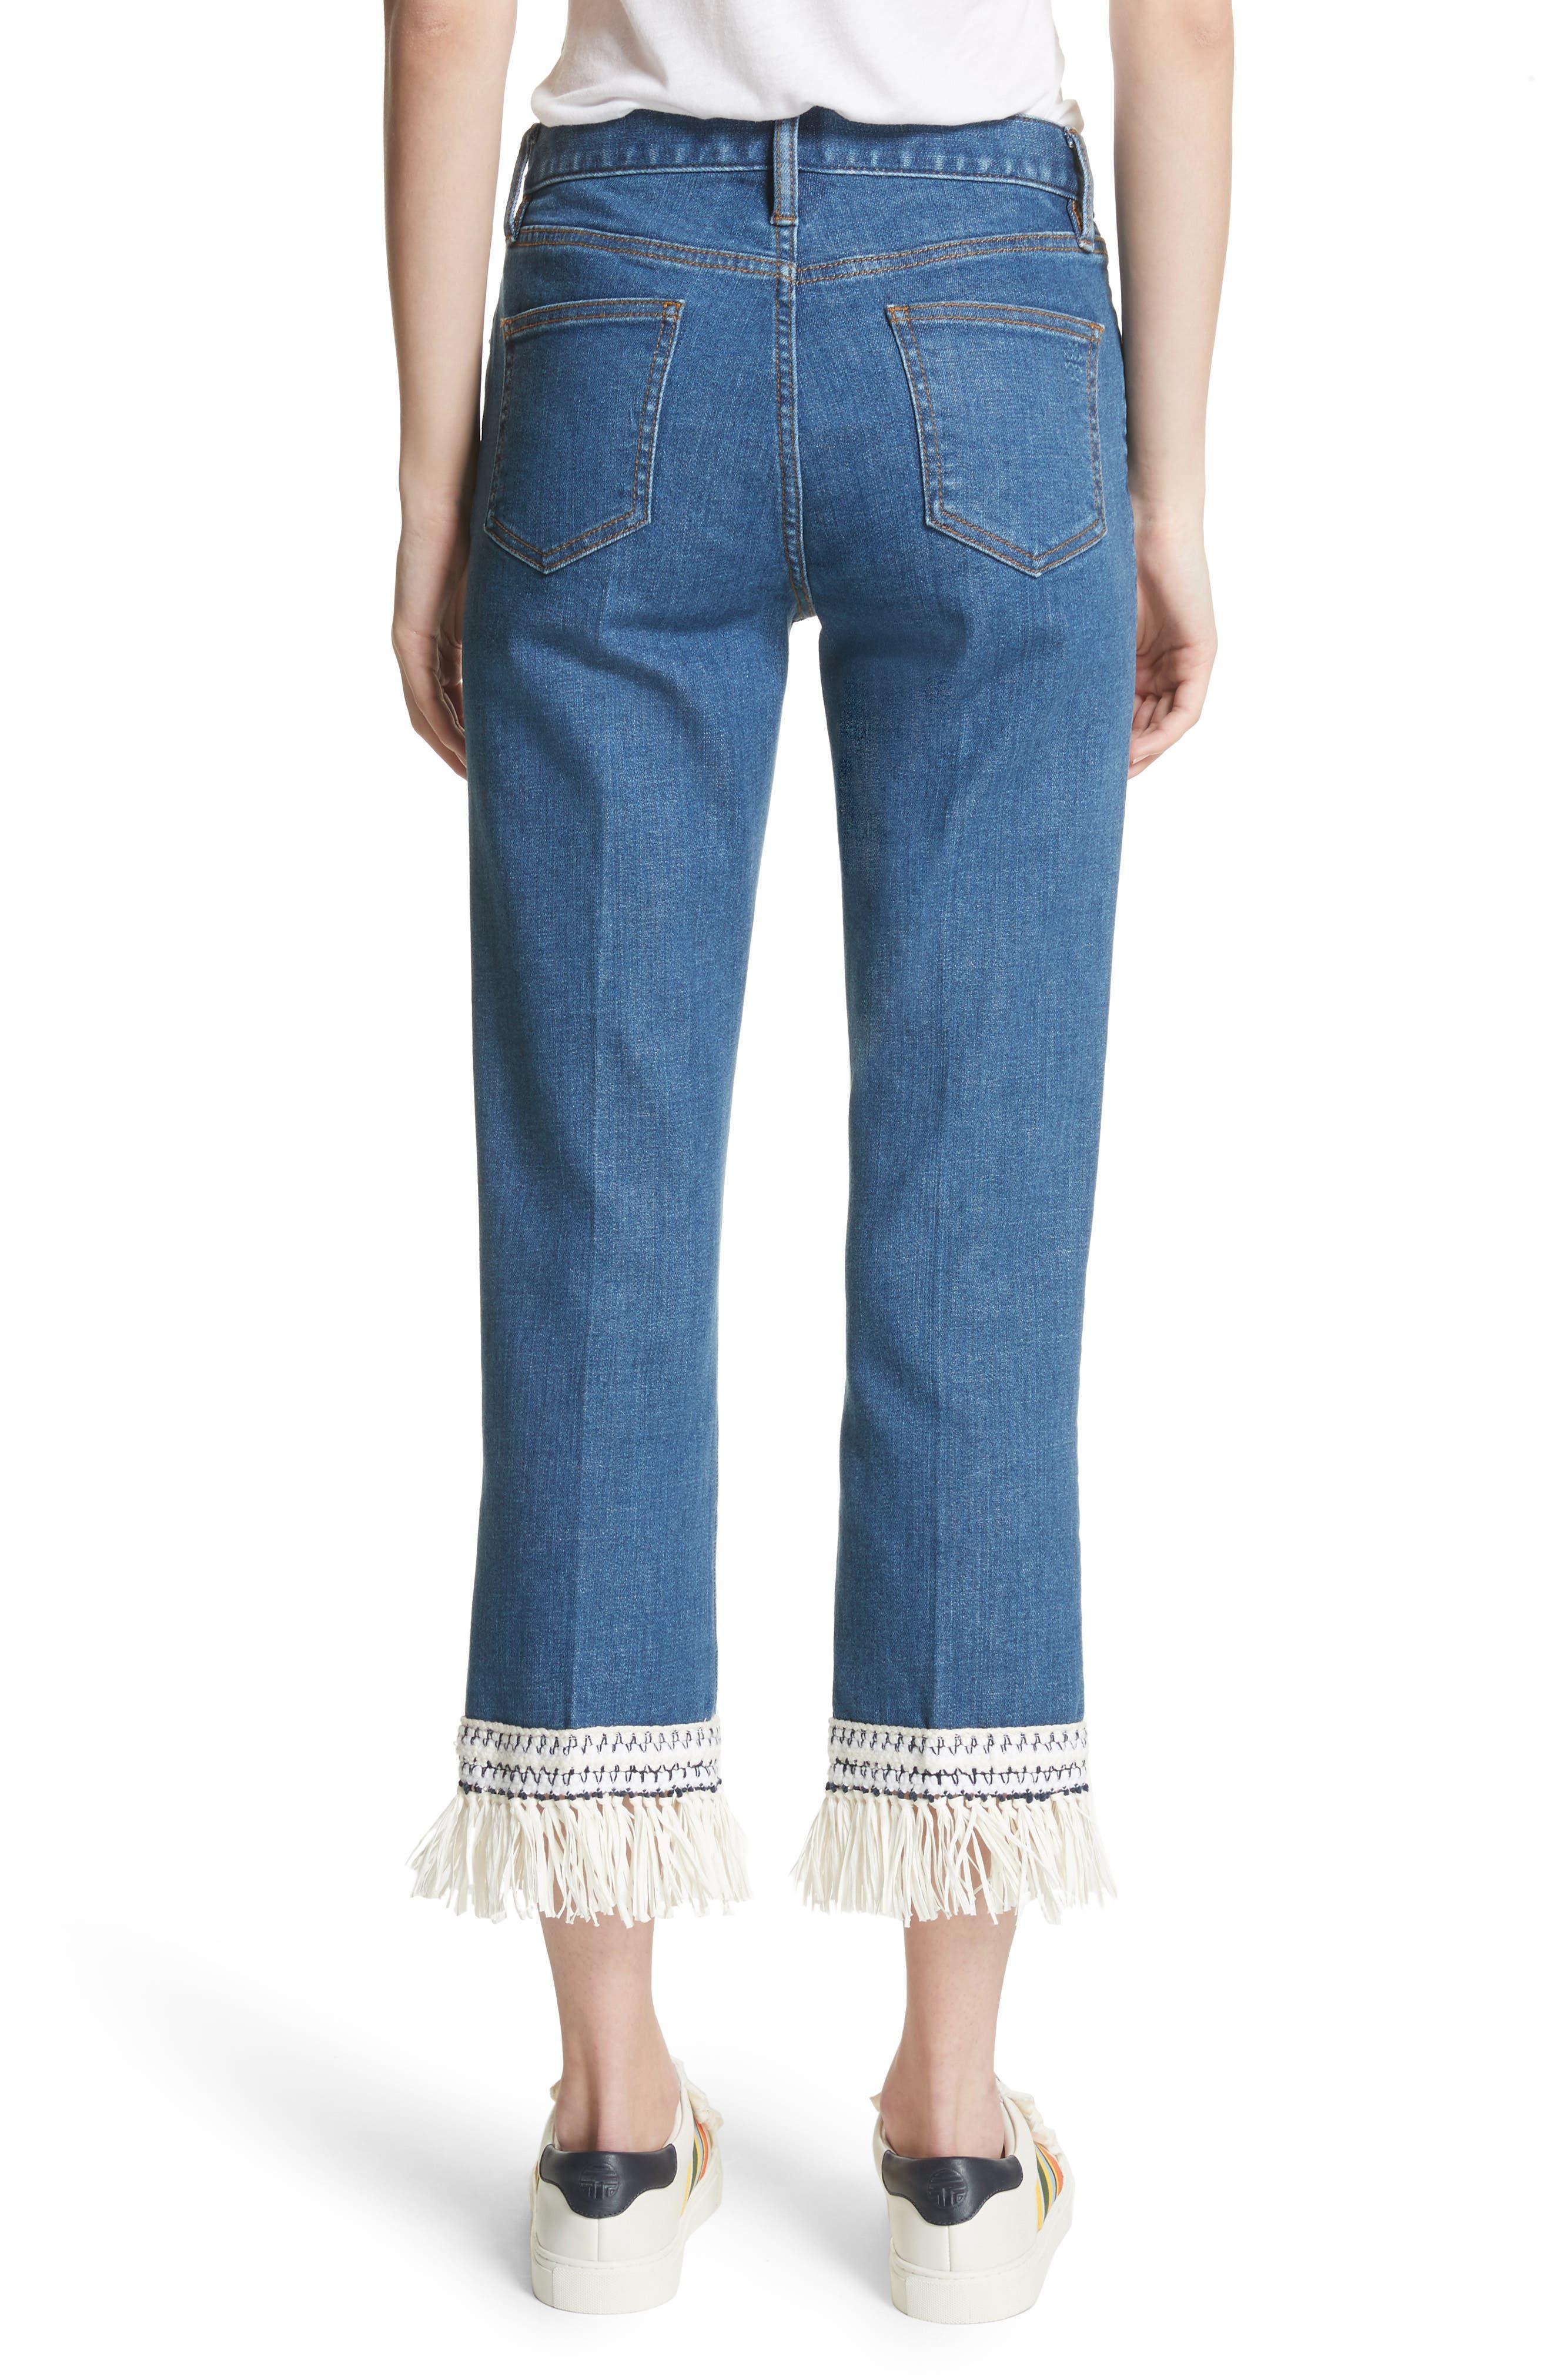 Connor Fringe Trim Crop Jeans,                             Alternate thumbnail 2, color,